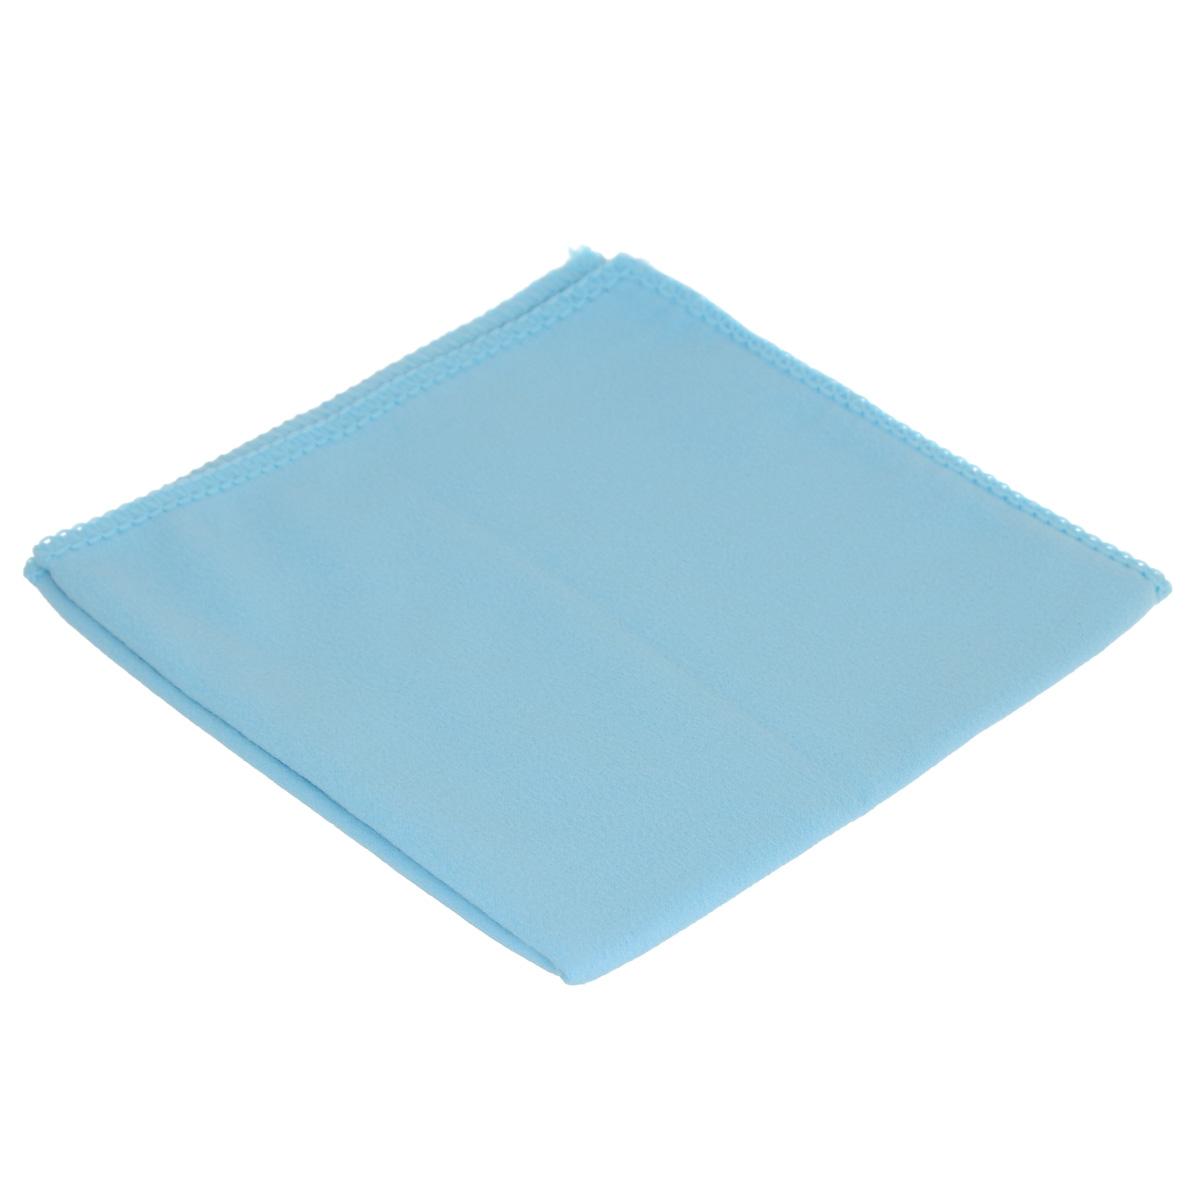 Салфетка для стекол, оптики и зеркал Home Queen, цвет: голубой, 30 х 30 см50306Салфетка Home Queen, изготовленная из микрофибры (искусственная замша), предназначена для очищения загрязнений на любых поверхностях (включая стекла, зеркала, оптику, мониторы). Изделие обладает высокой износоустойчивостью и рассчитано на многократное использование, легко моется в теплой воде с мягкими чистящими средствами. Супервпитывающая салфетка не оставляет разводов и ворсинок, удаляет большинство жирных и маслянистых загрязнений без использования химических средств. Размер салфетки: 30 х 30 см.